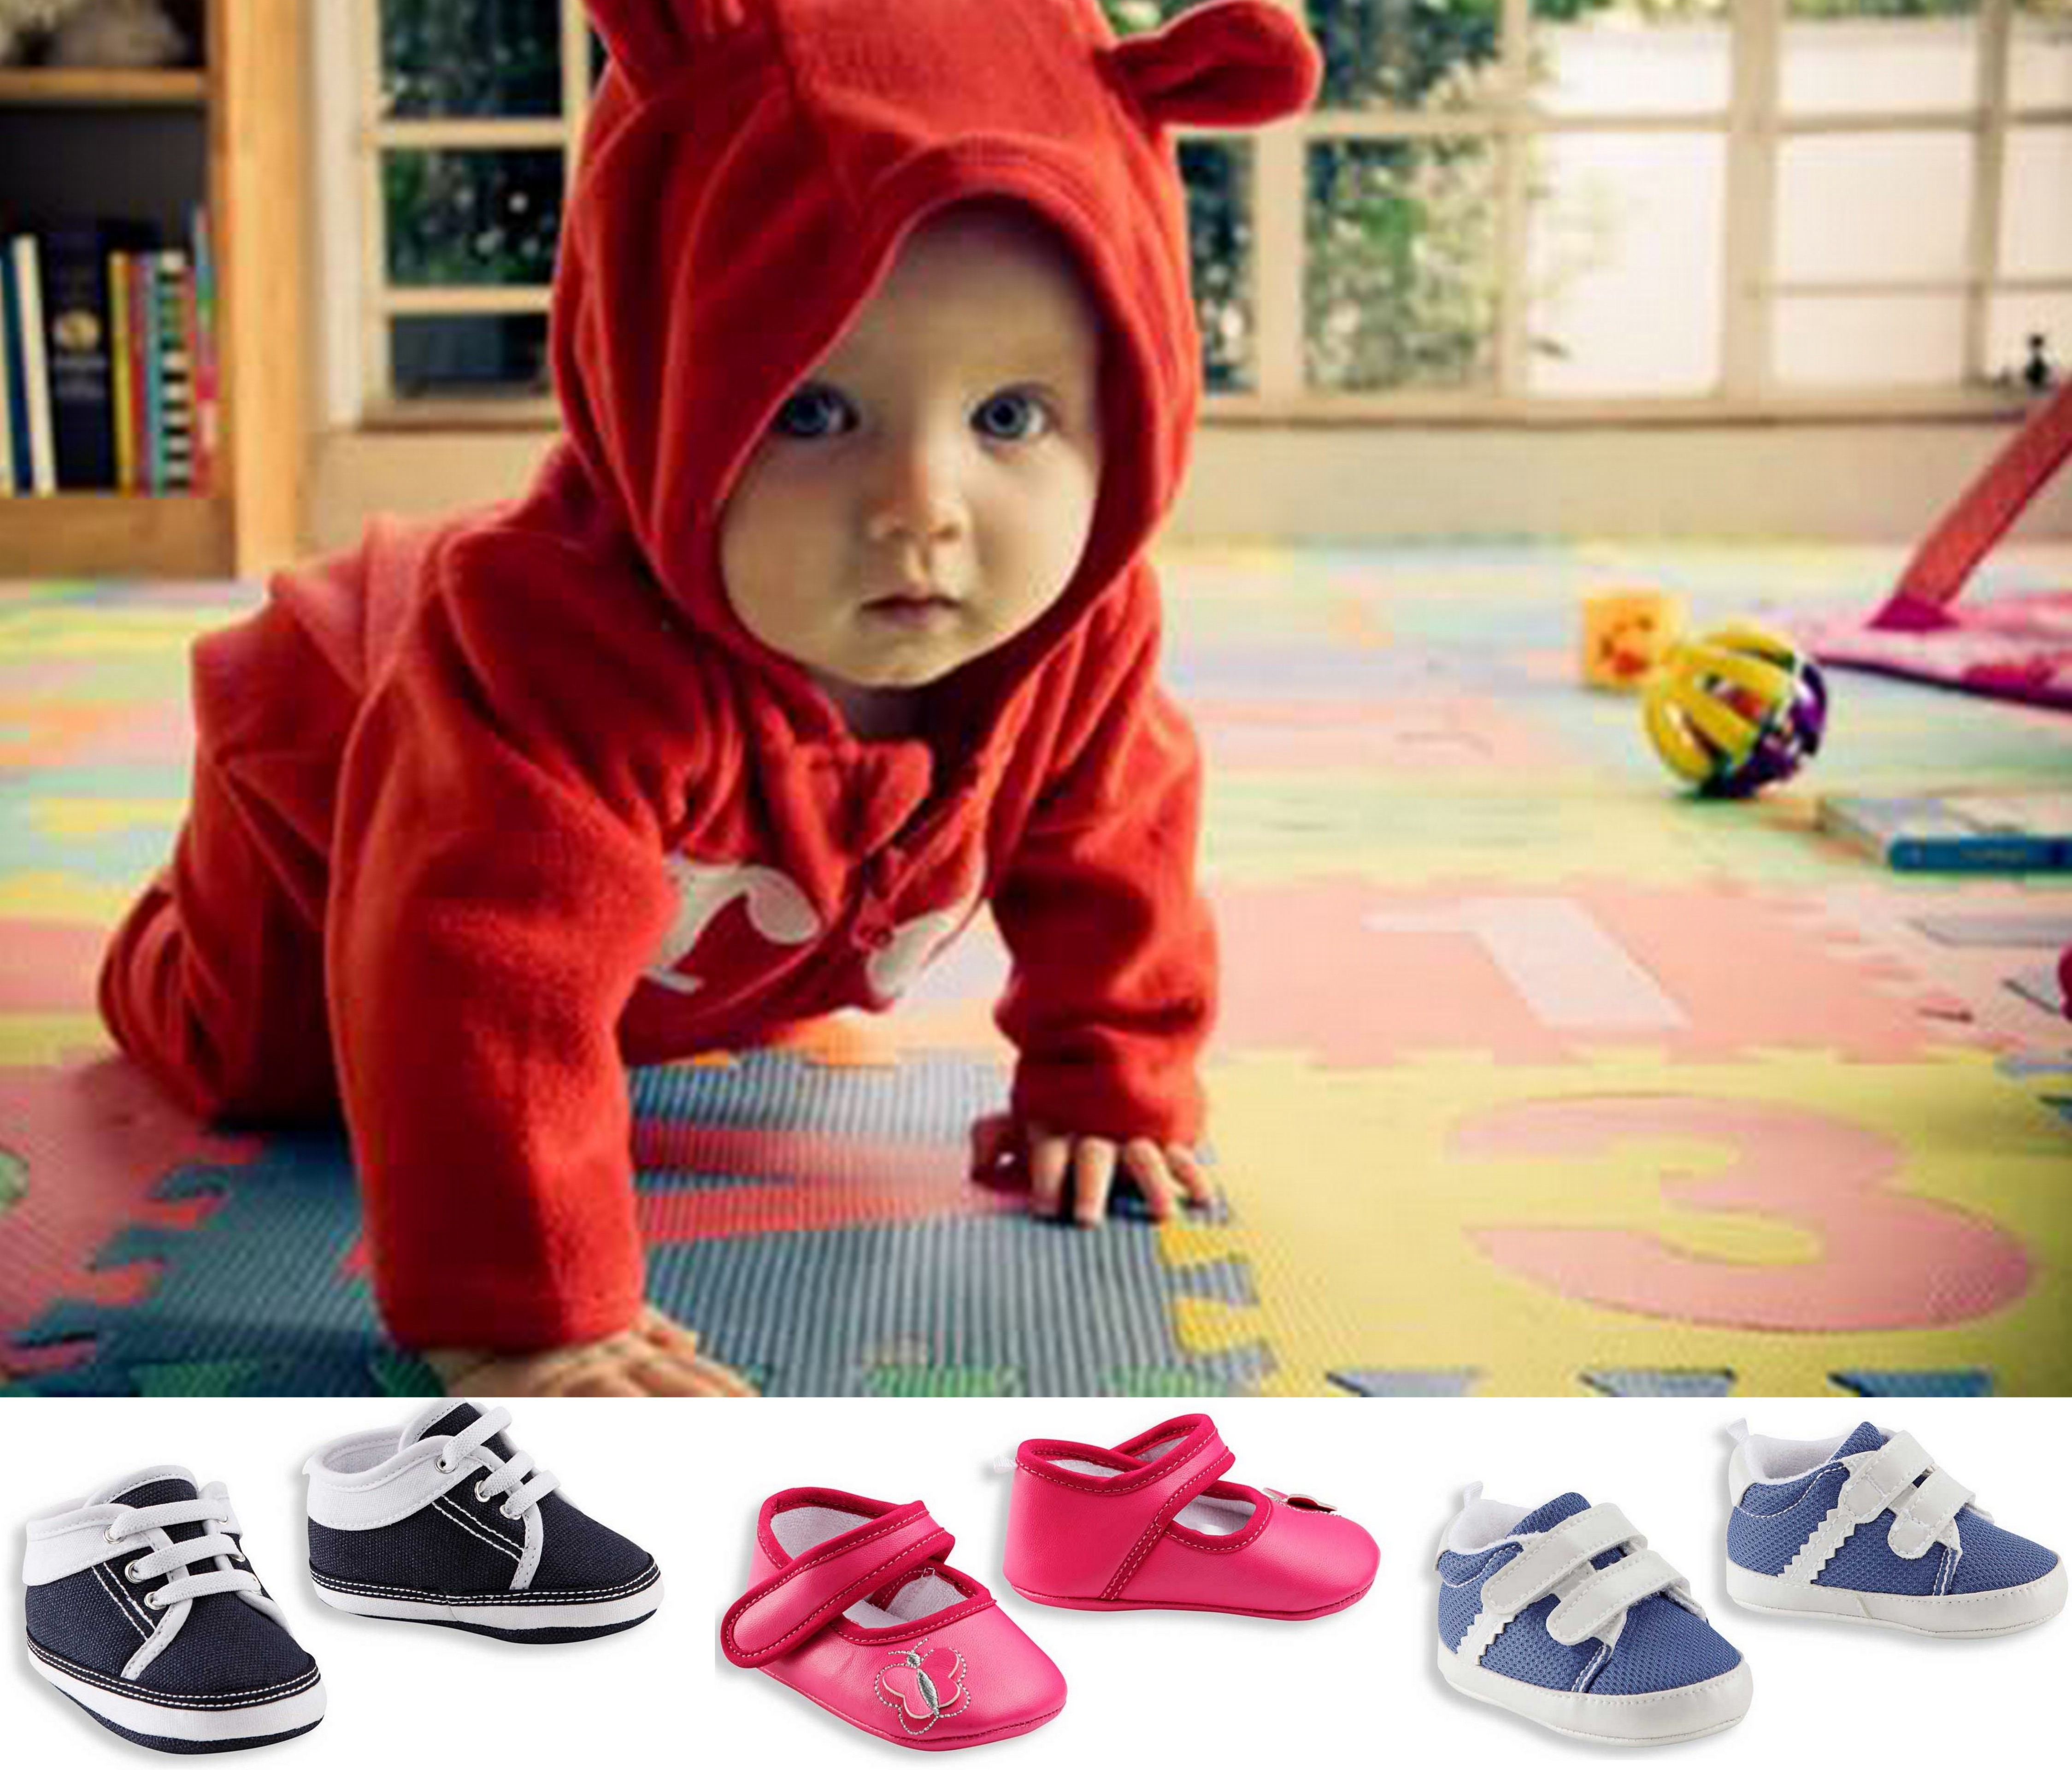 43ff792e298 Una de las tiendas con zapatos de bebé más en tendencia es Zara. Muchos  padres eligen comprar zapatos para sus hijos allí porque se identifican  totalmente ...